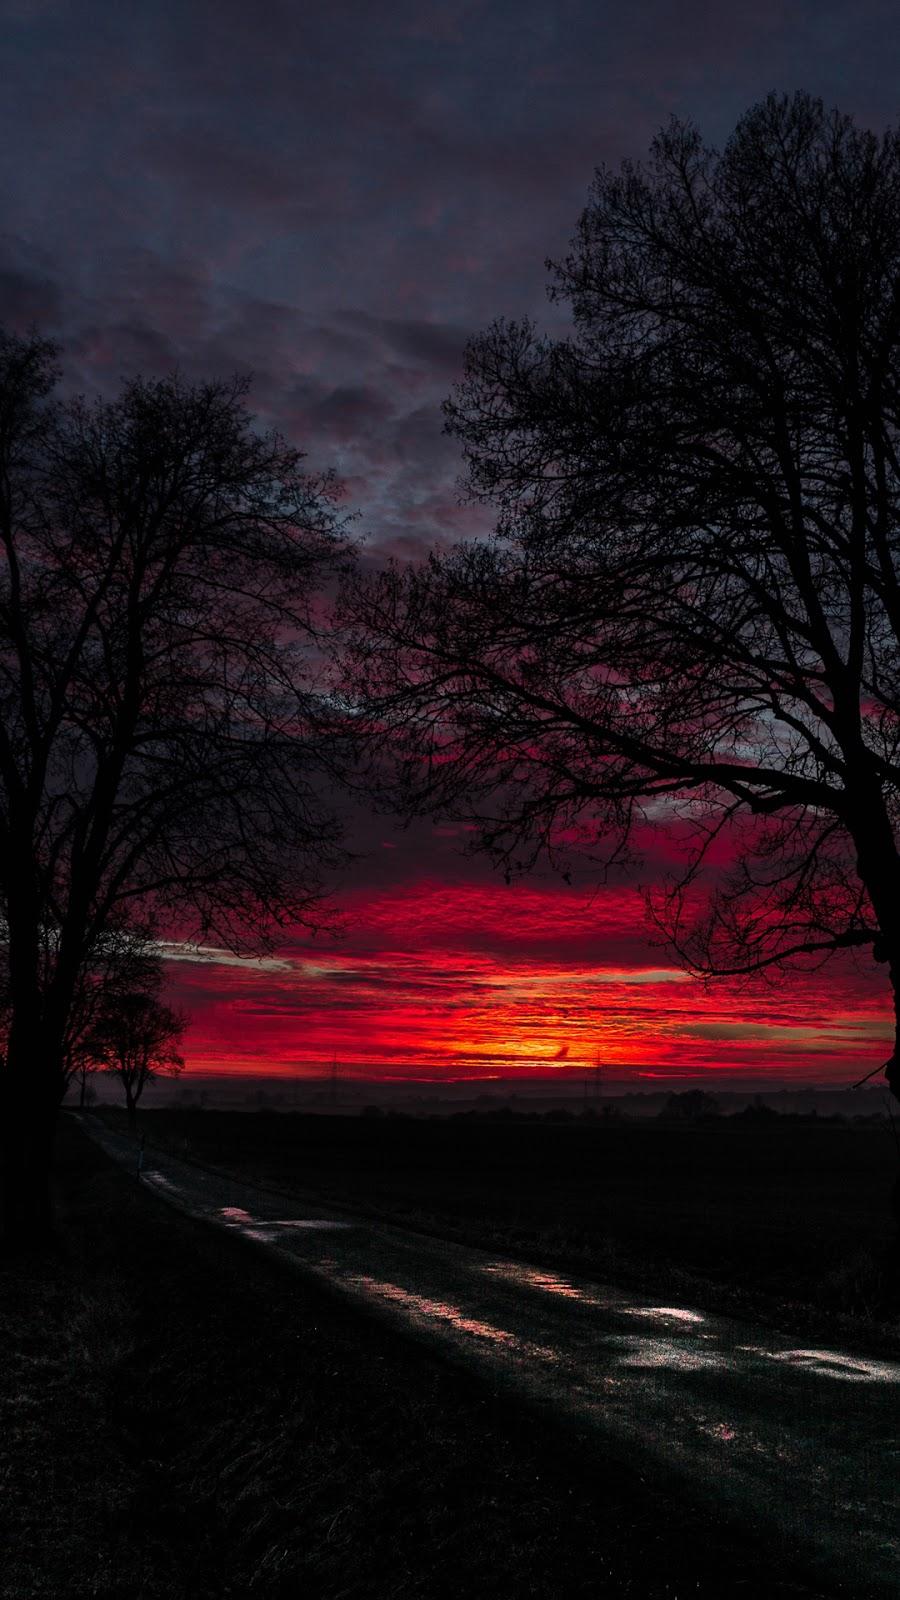 Phong cảnh giữa mặt trời lặn